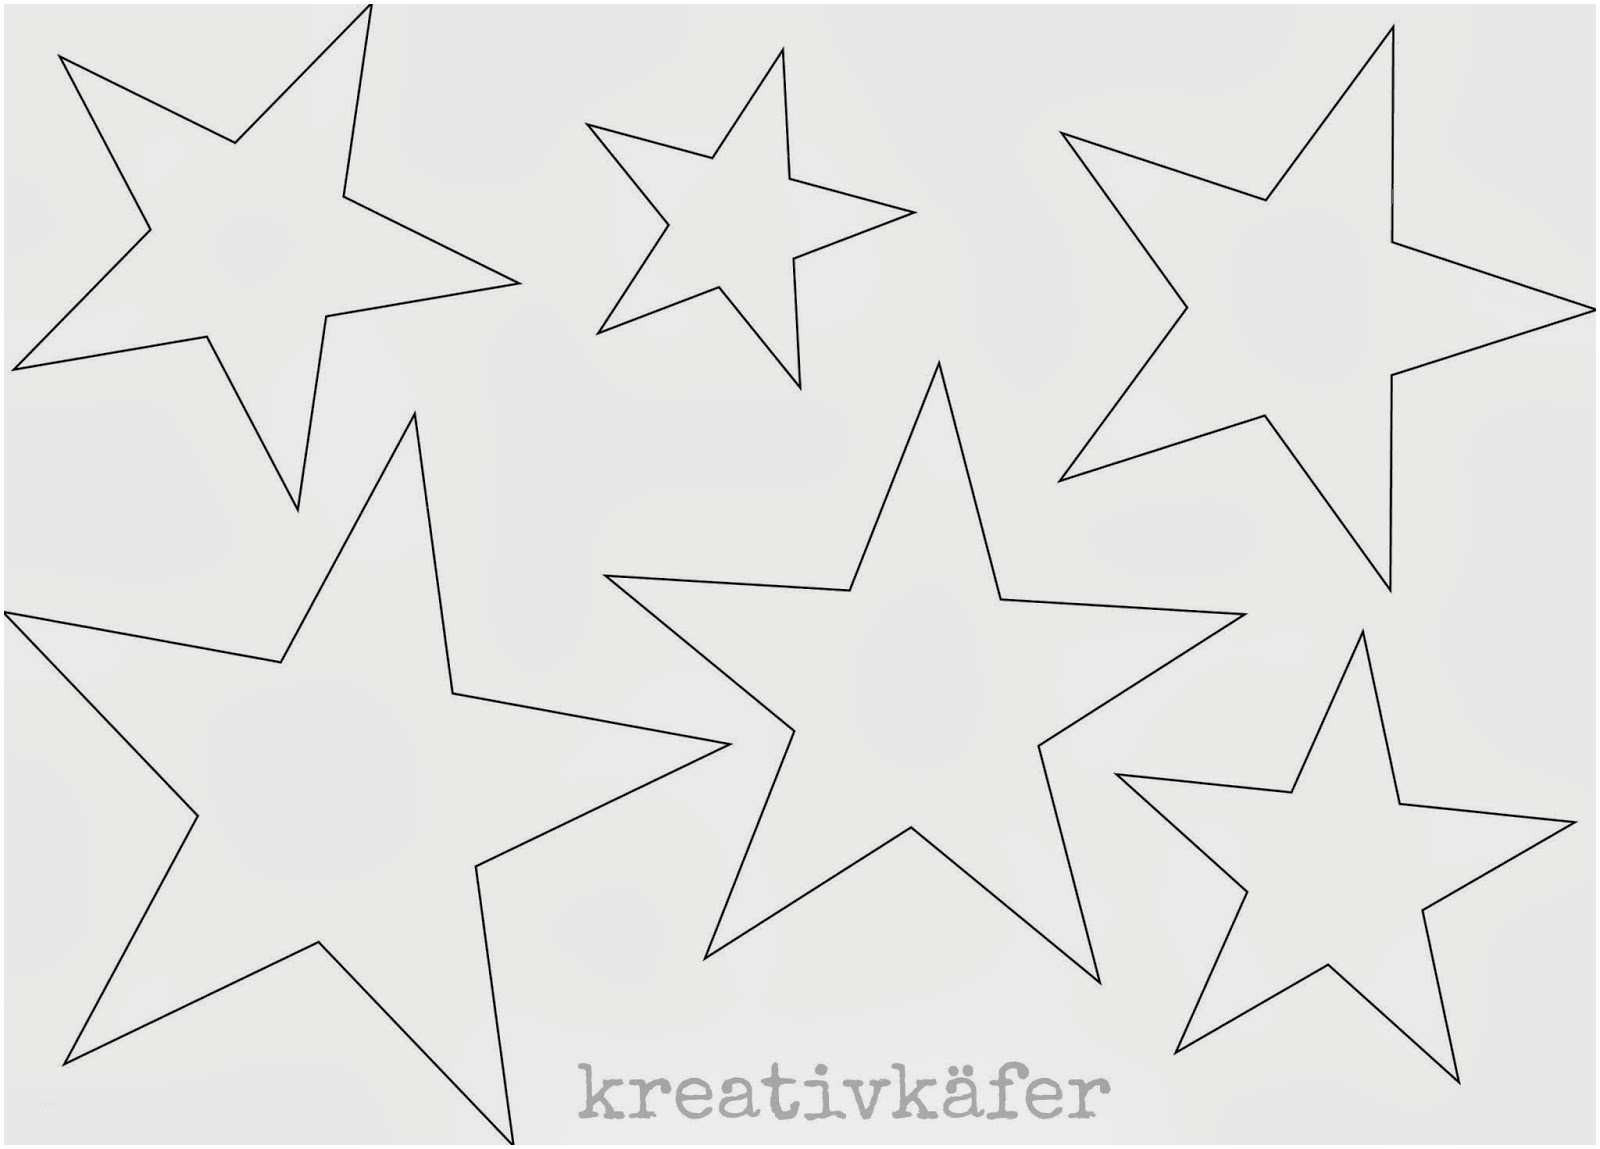 Stern Weihnachten Malvorlage Das Beste Von Neu Ausmalbilder Weihnachten Sterne Art Von Malvorlagen Schön Sammlung